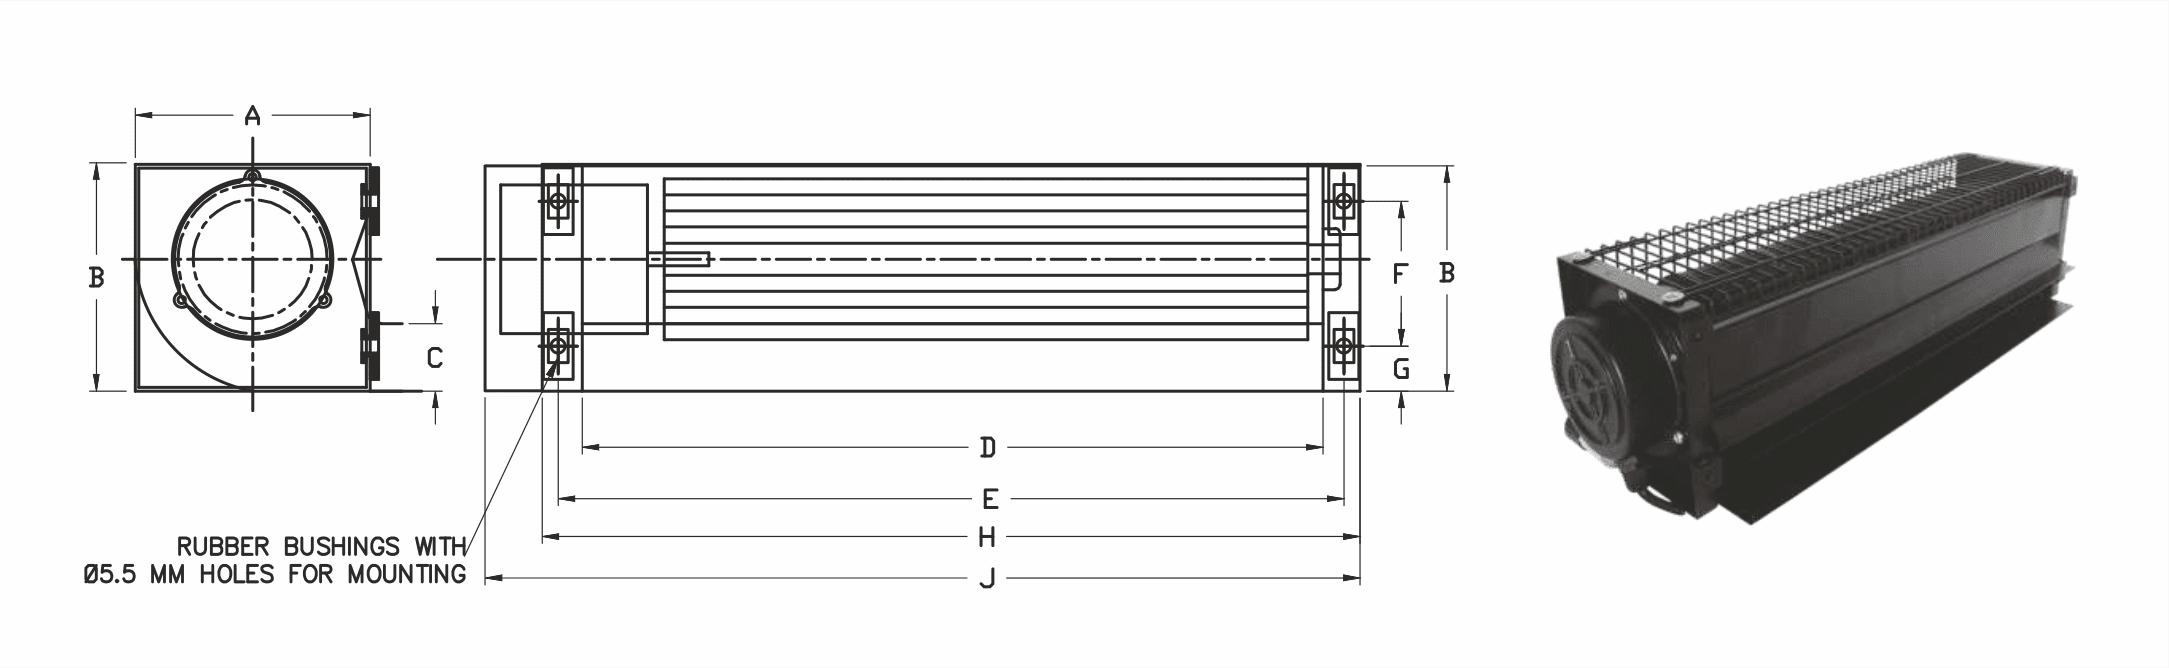 Dimensions - Cross Flow Fans